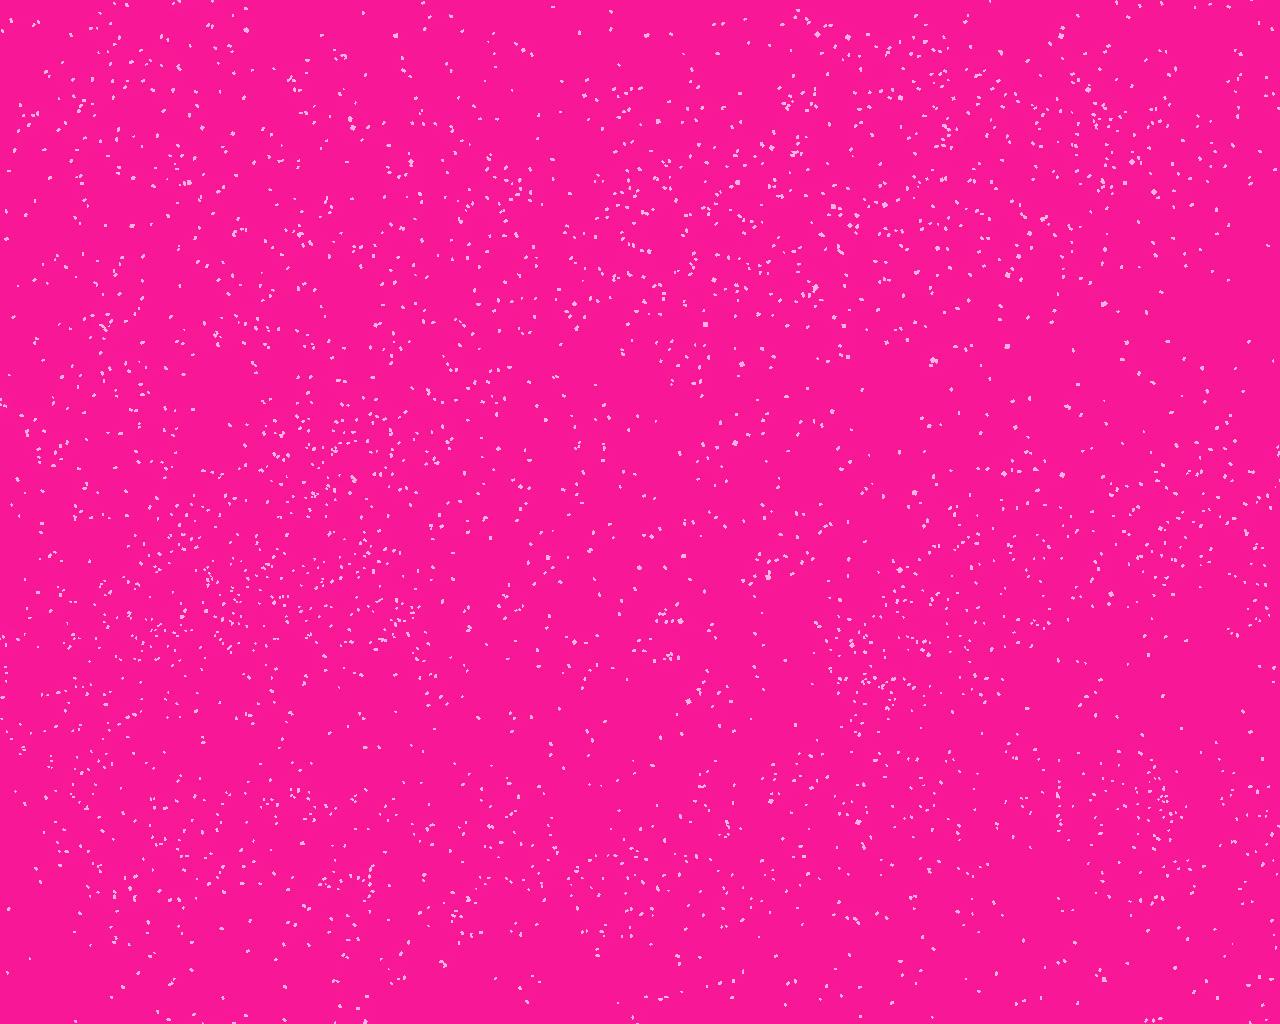 http://1.bp.blogspot.com/-QCqIrYP_iL4/TkrRqxoq9fI/AAAAAAAADbE/CT0qX9Occ40/s1600/pink%20glitter%20wallpaper%201.jpg